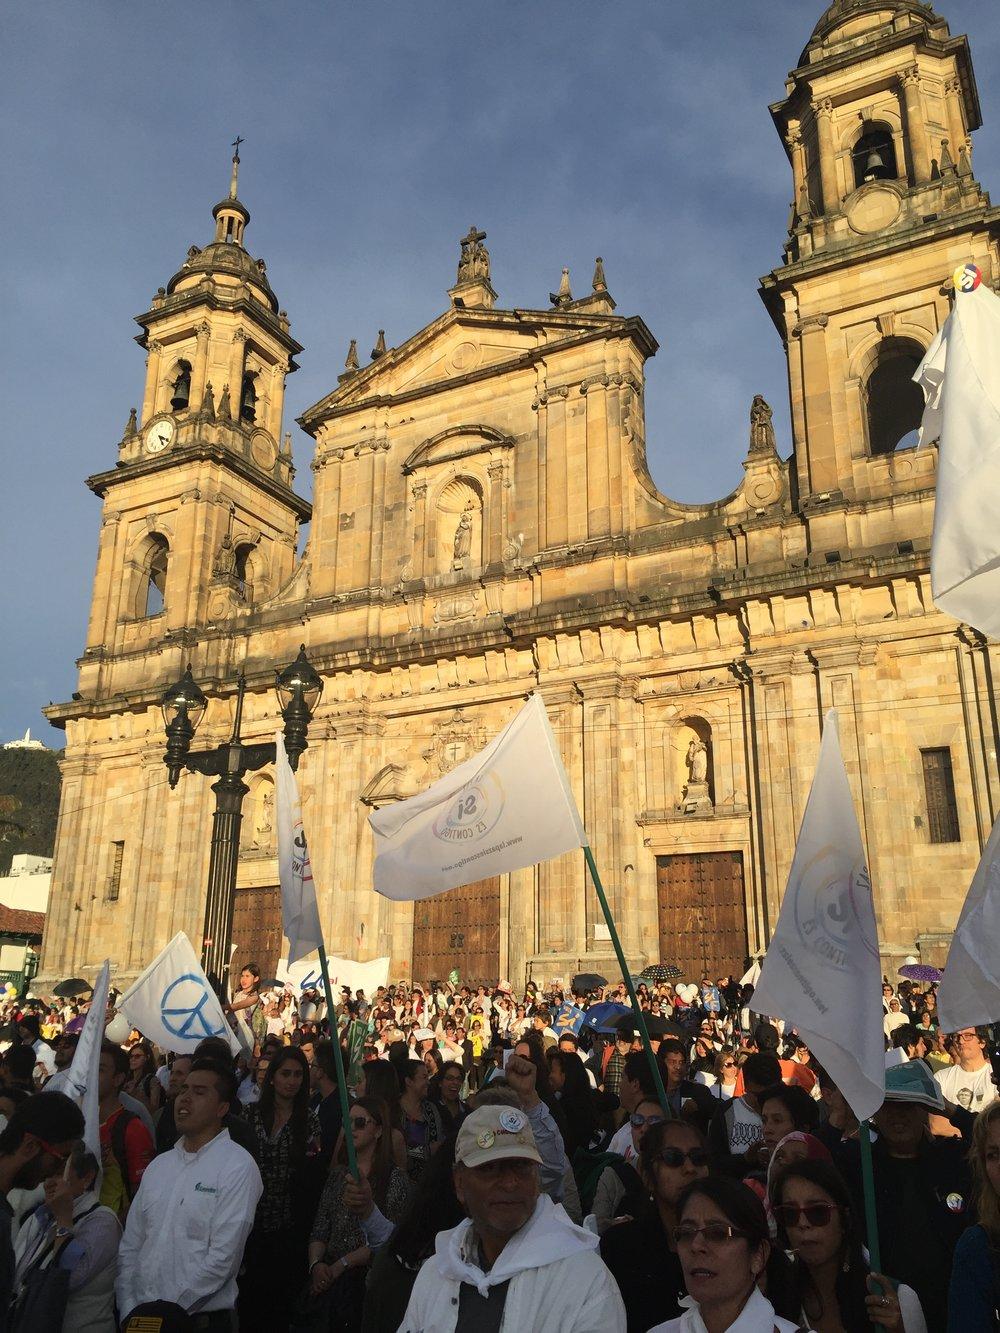 Paz despues de 52 años de conflicto armado entre el gobierno colombiano y las FARC.